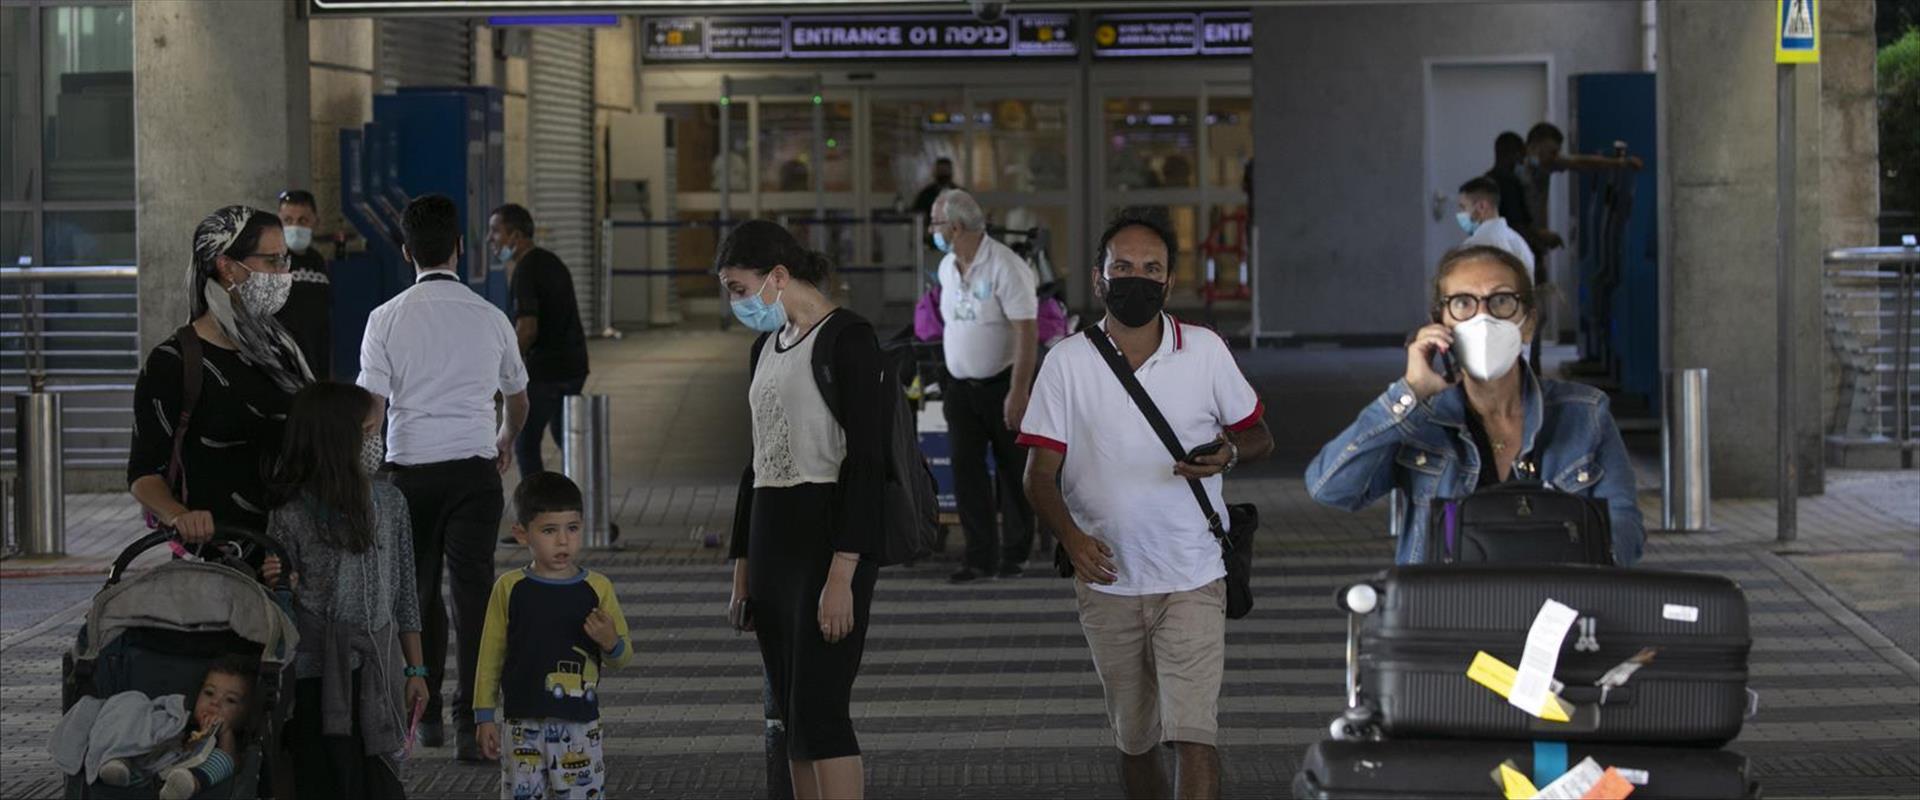 Ouverture partielle de l'aéroport d'Israël avec 2000 passagers par jour